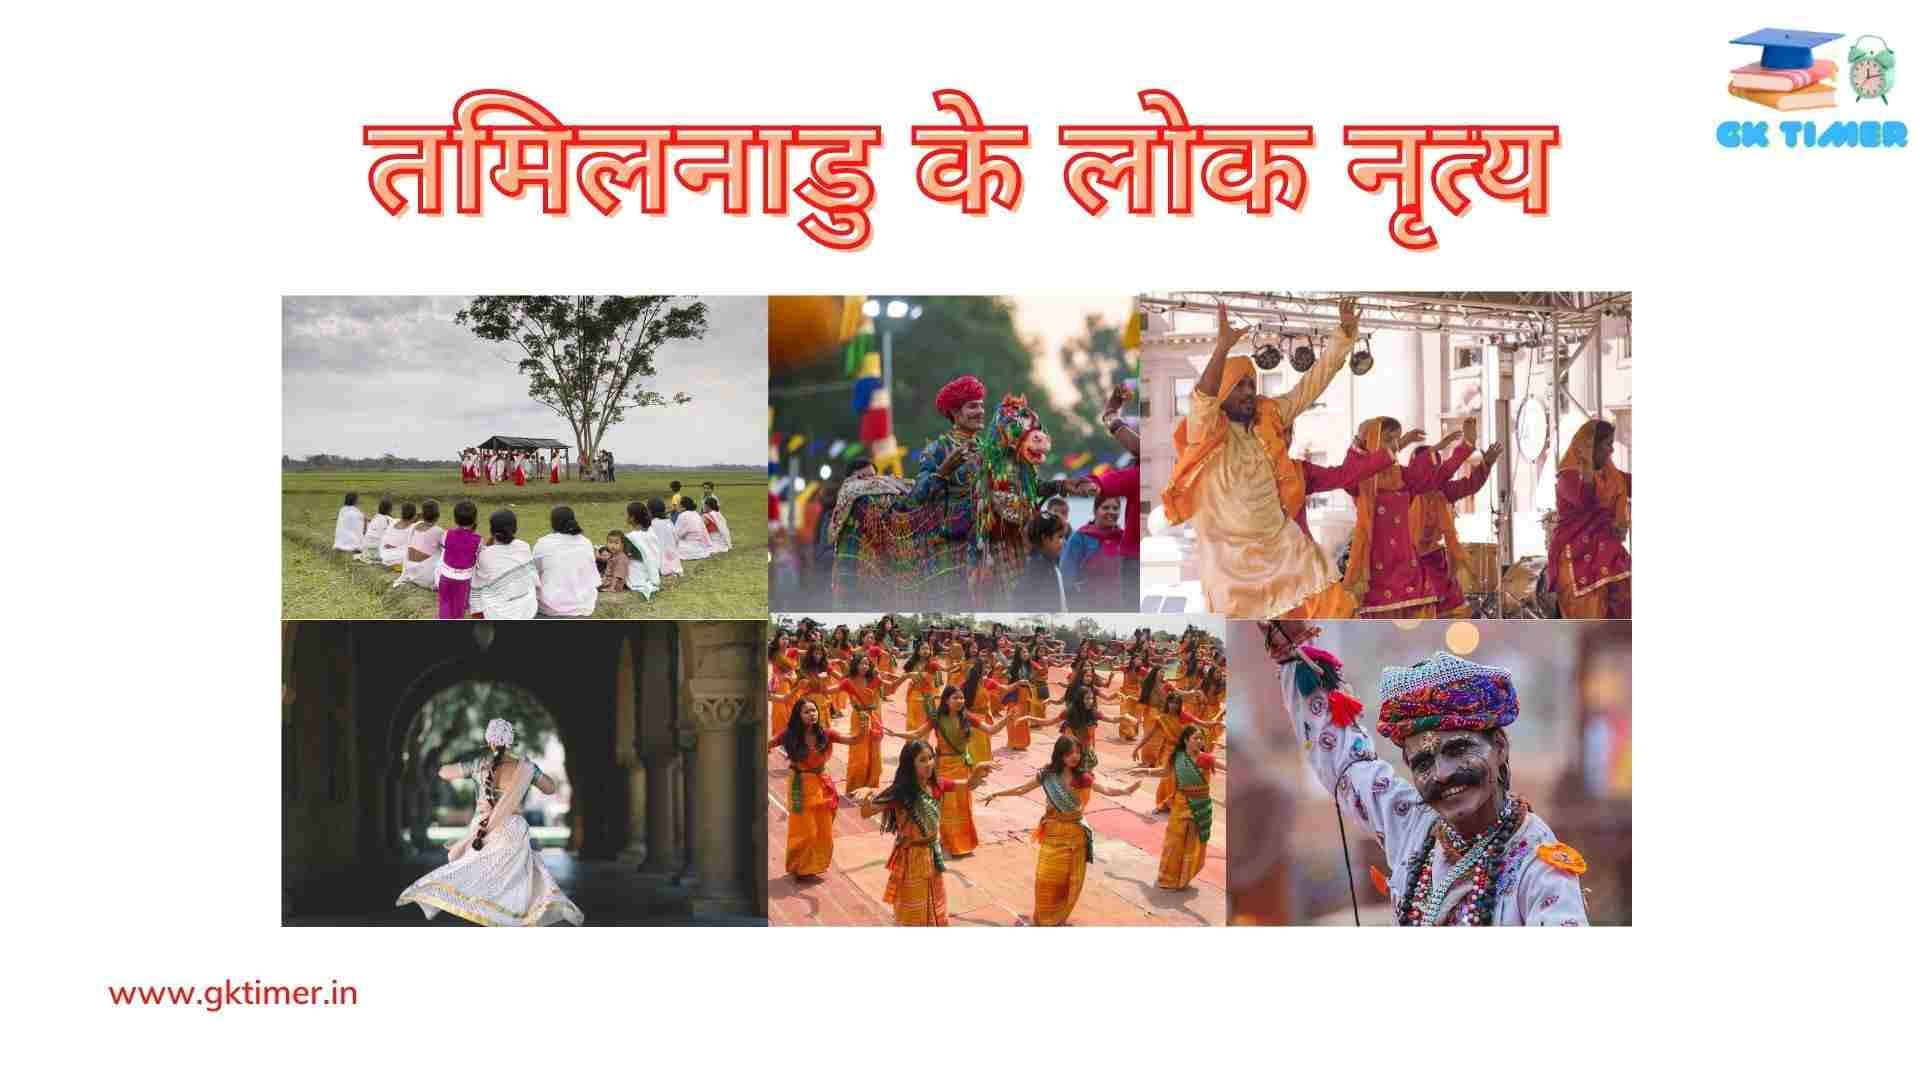 तमिलनाडु के लोकप्रिय लोक नृत्य(काराकट्टम, मयिलअट्टम , ओयिलट्टम, ओयिलट्टम)   Traditional folk dances of Tamilnadu in Hindi